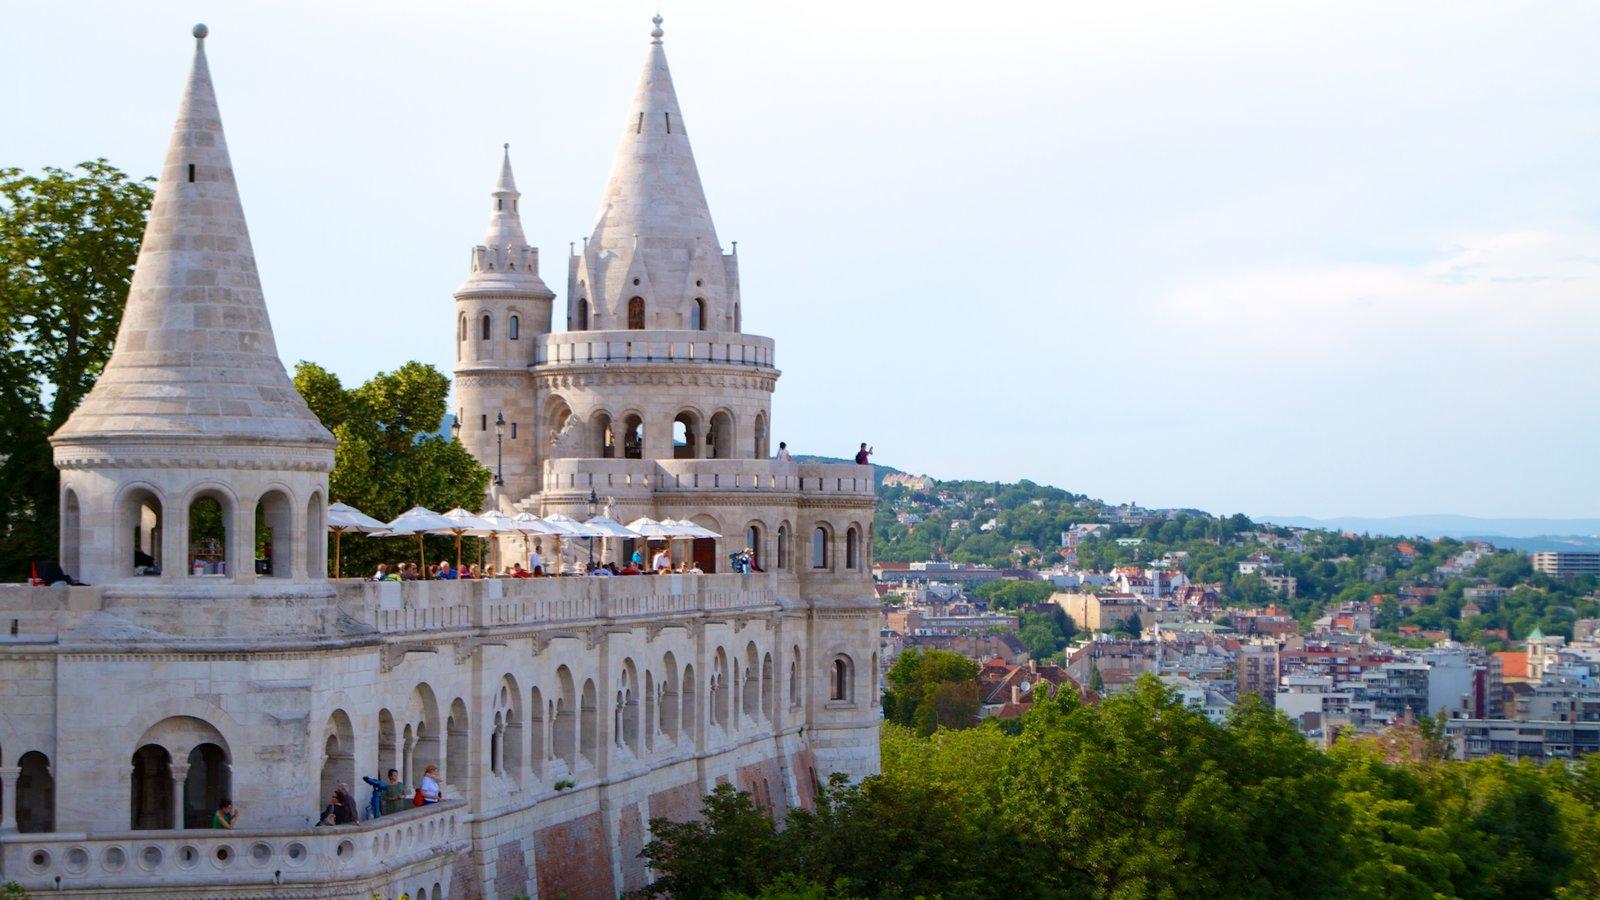 Budapeste que inclui um pequeno castelo ou palácio